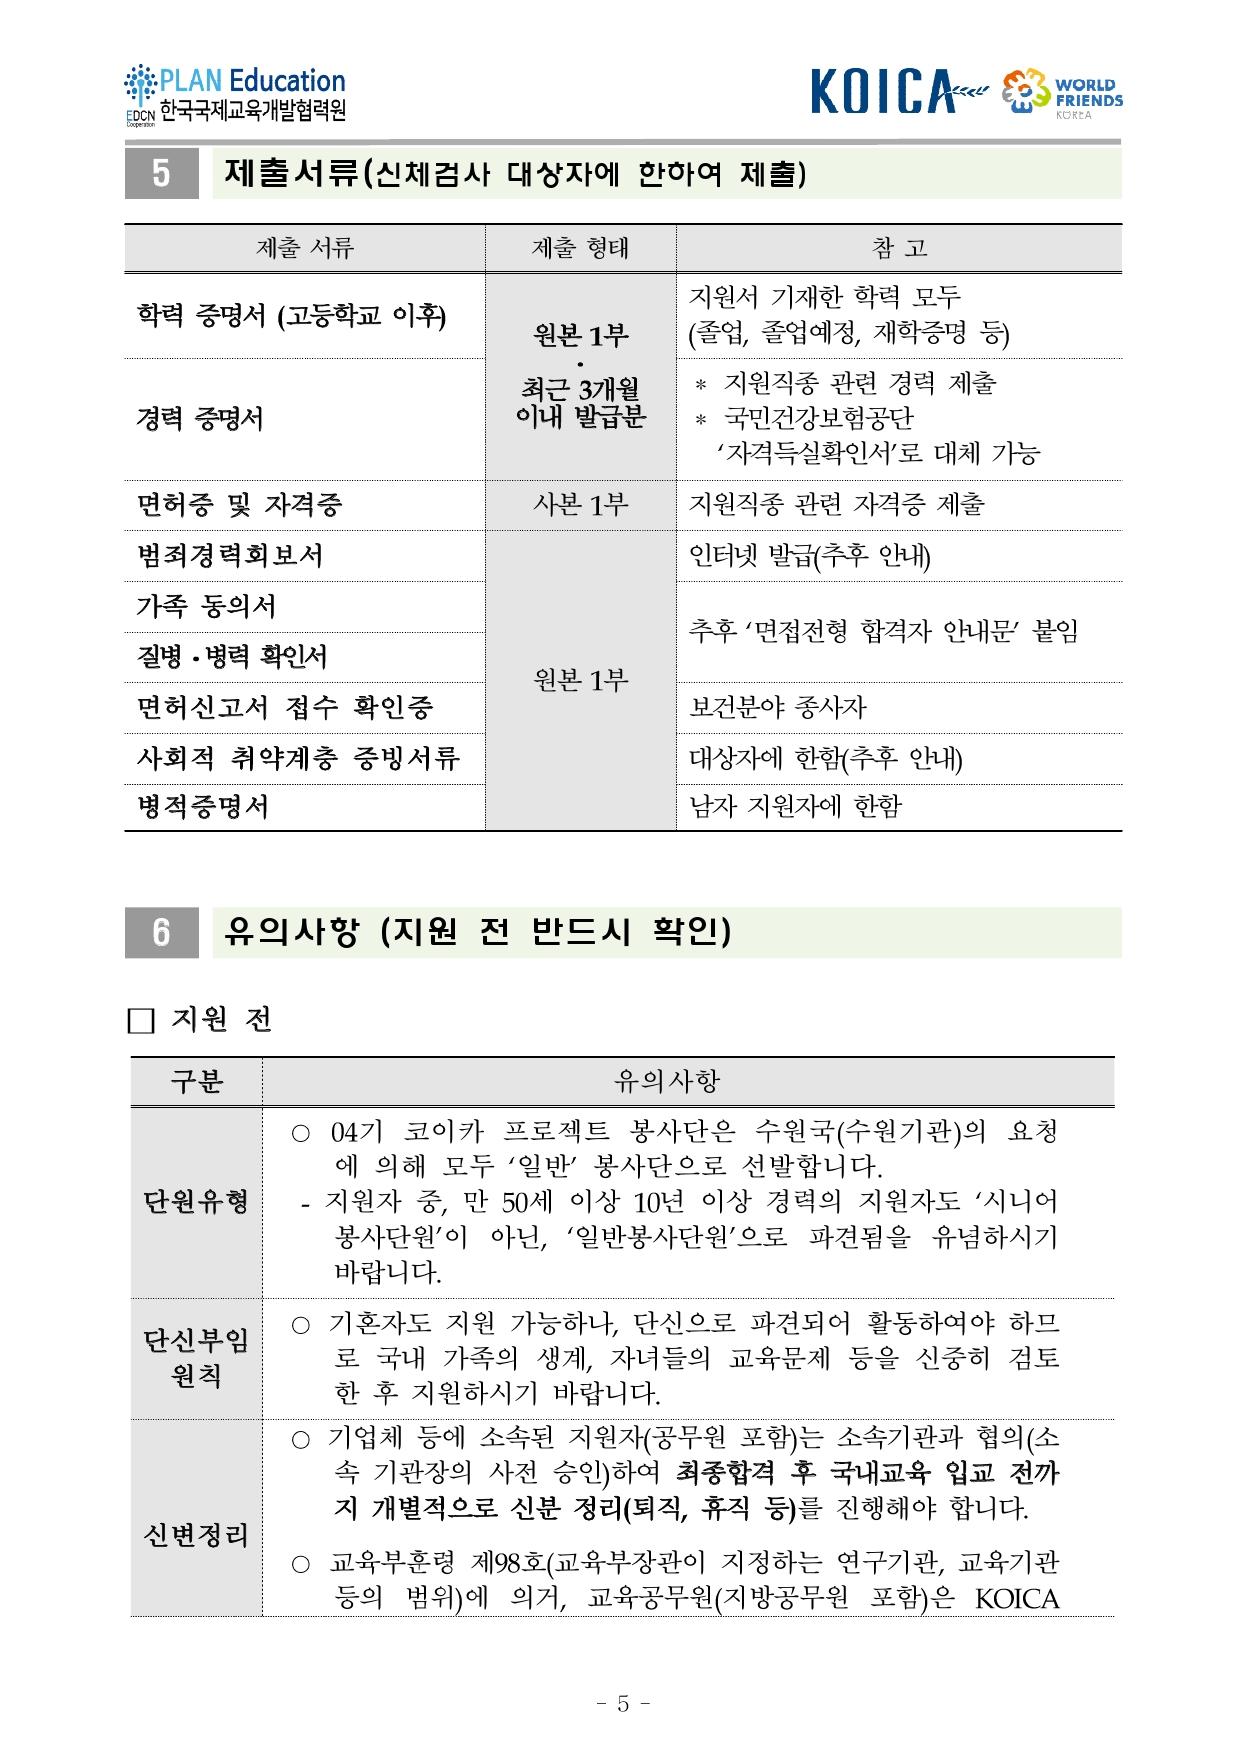 추가모집안내문_20191010-6.jpg